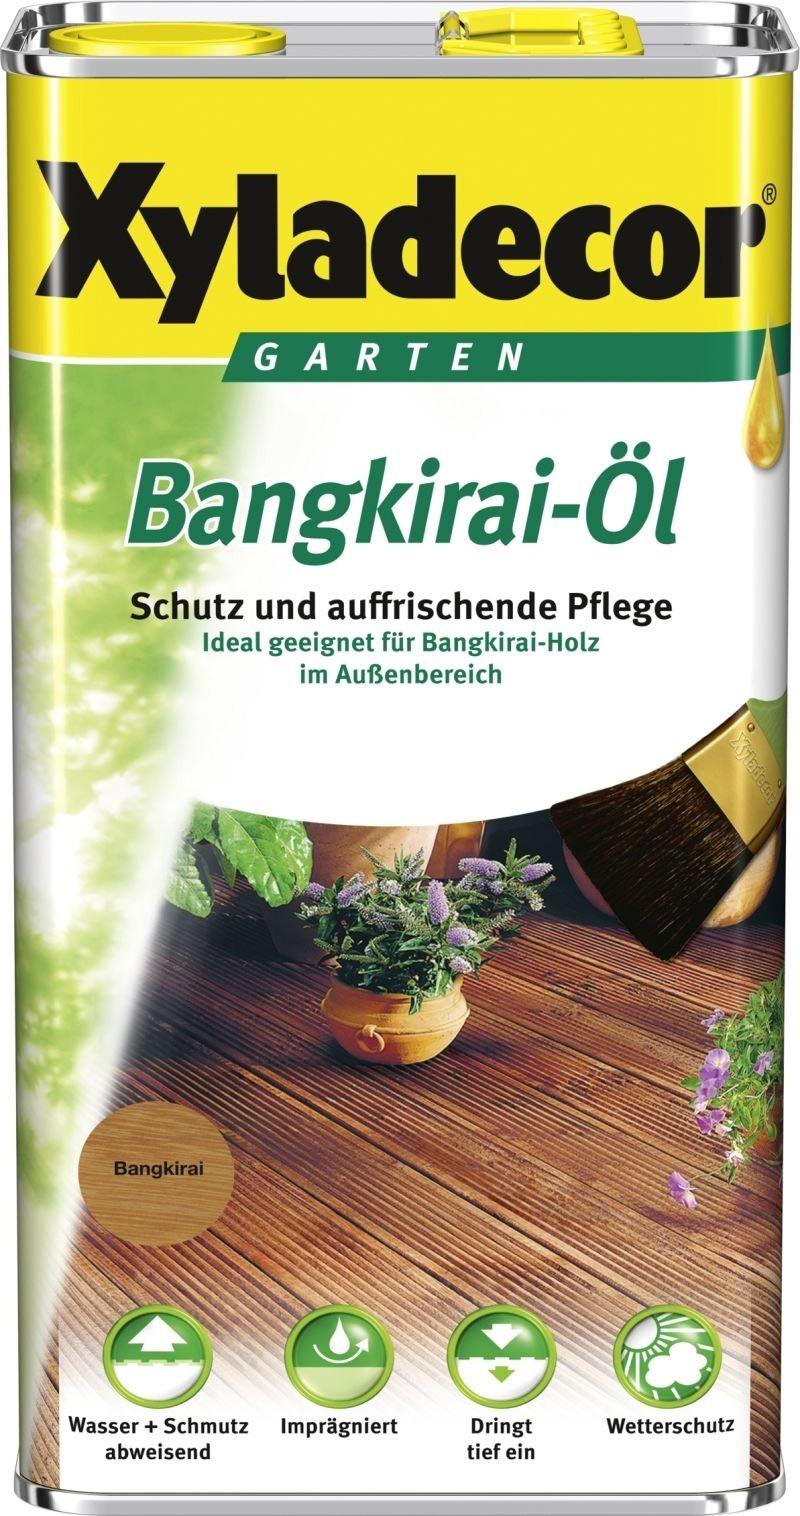 XYLADECOR Bangkirai-Öl 5 L / Holzpflege / Holzschutz Bild 1